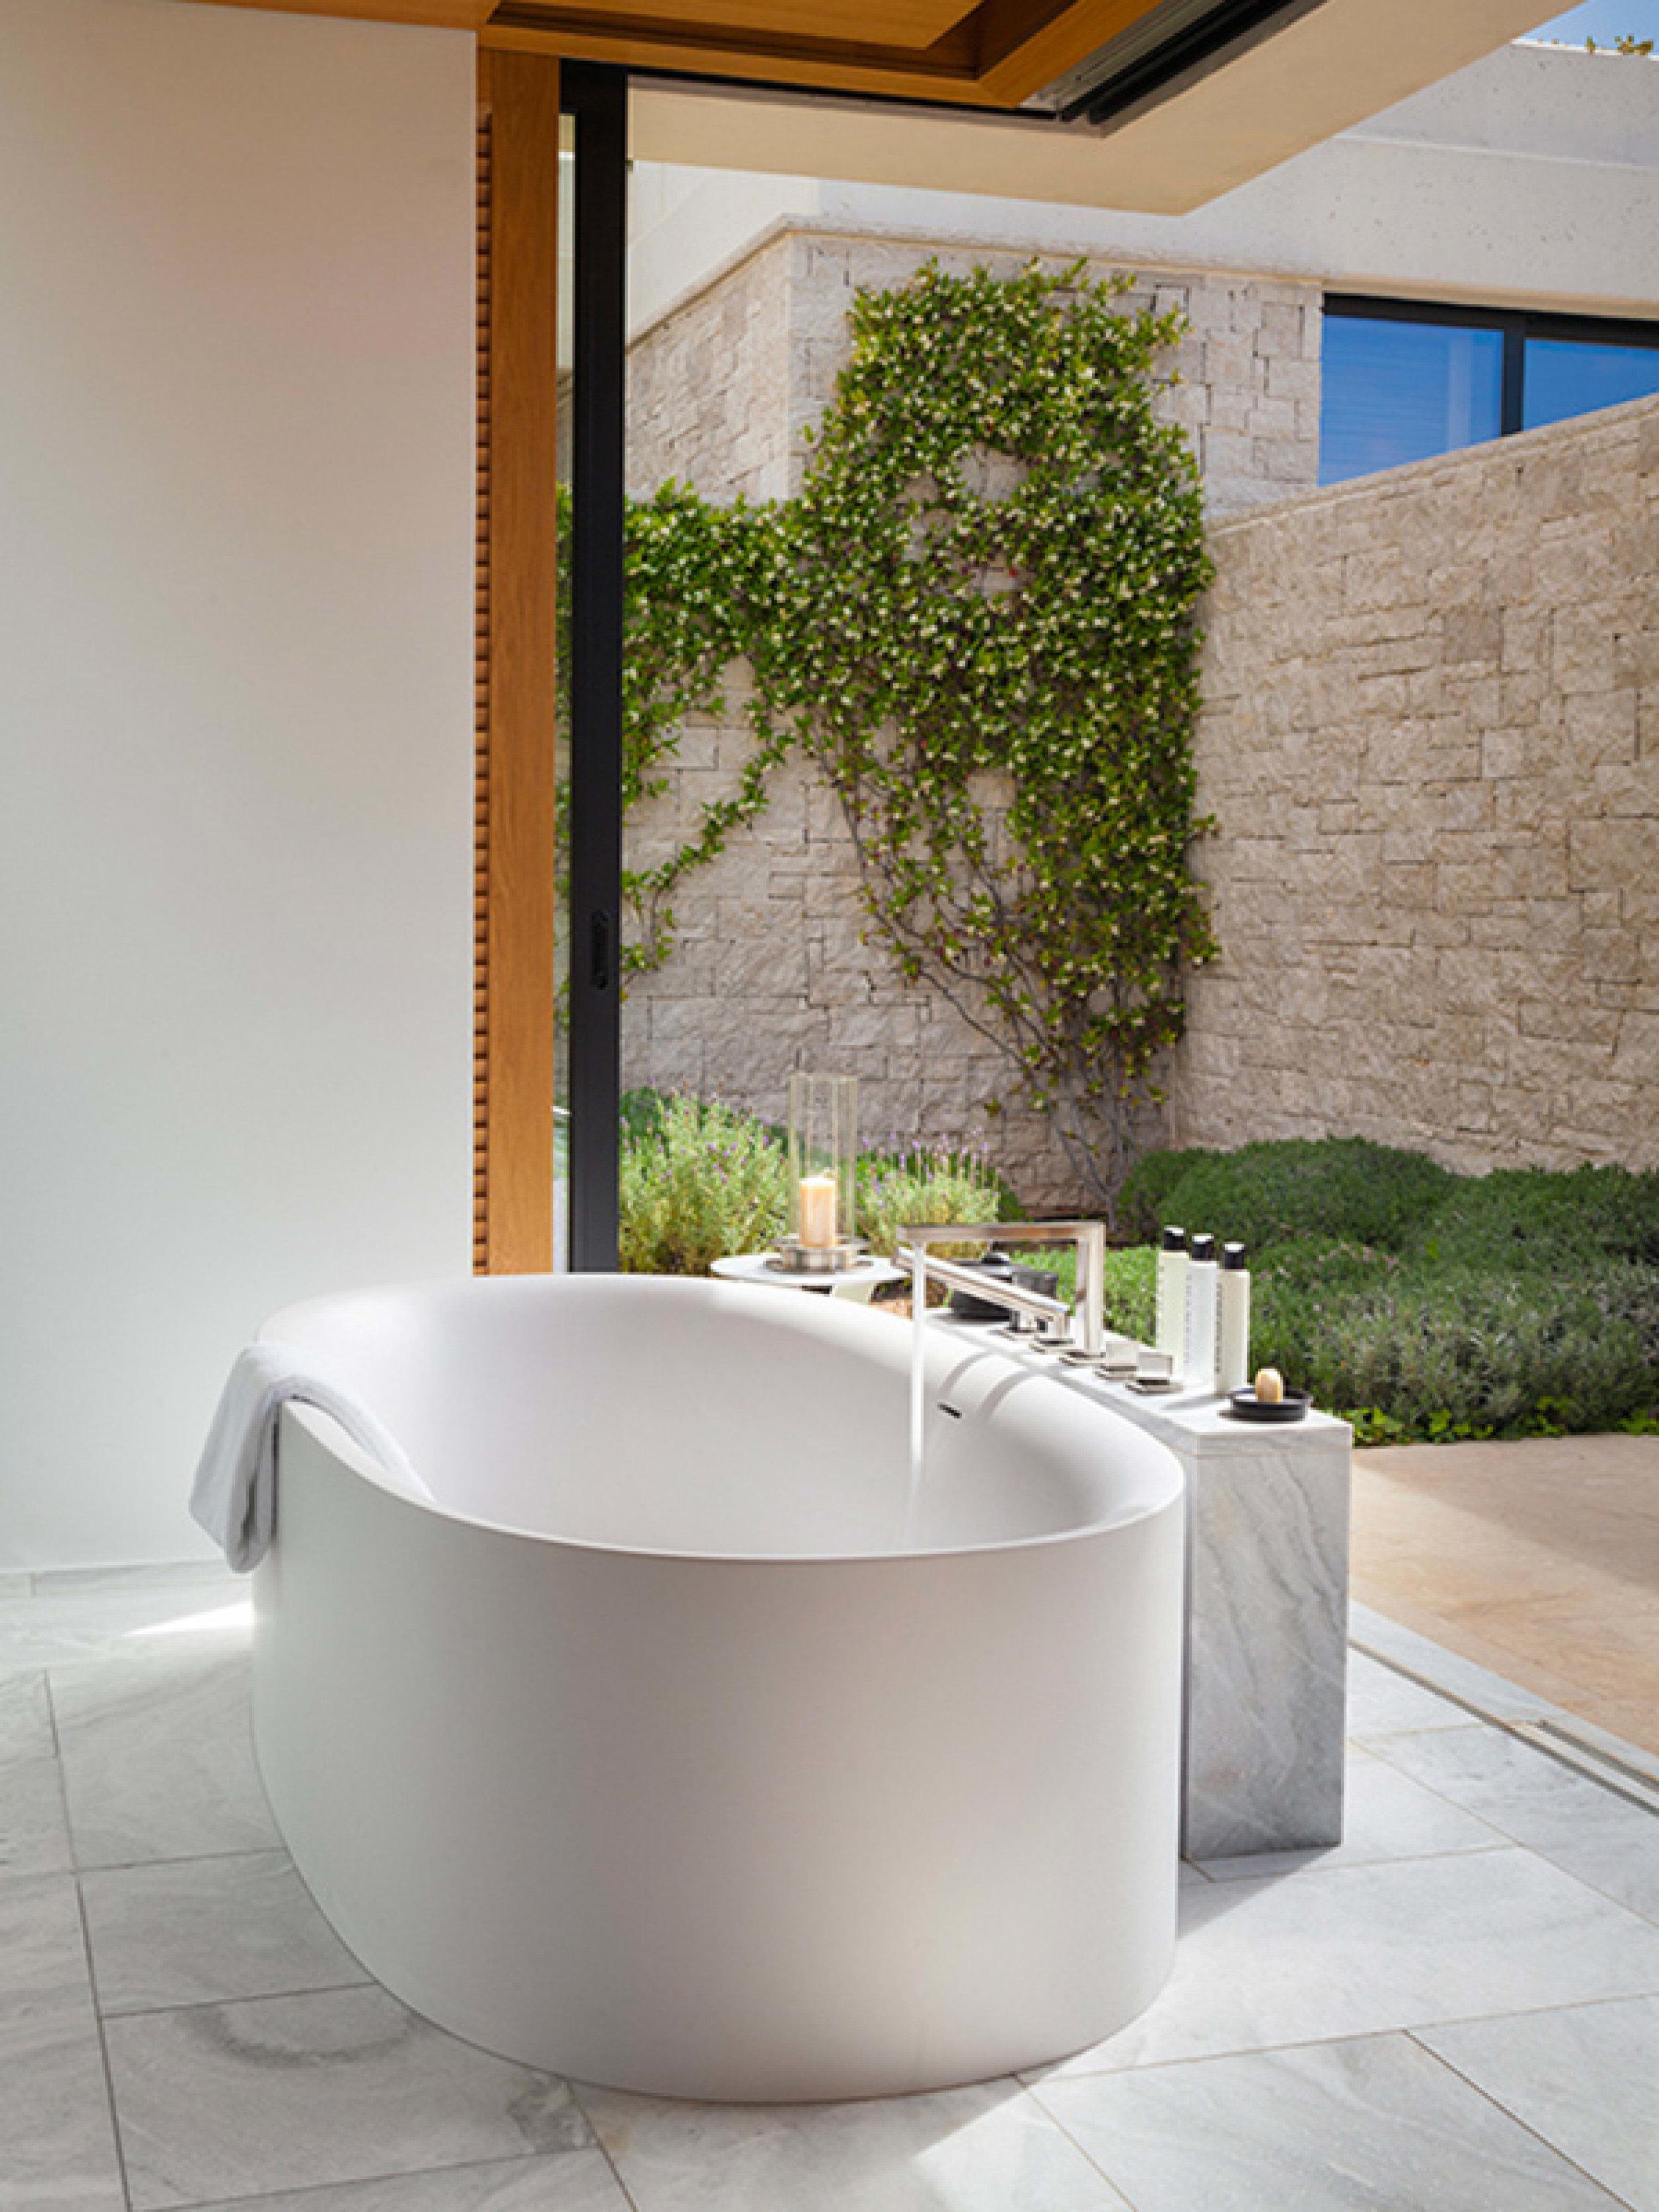 amanzoe-villas-bathroom-600x800.jpg